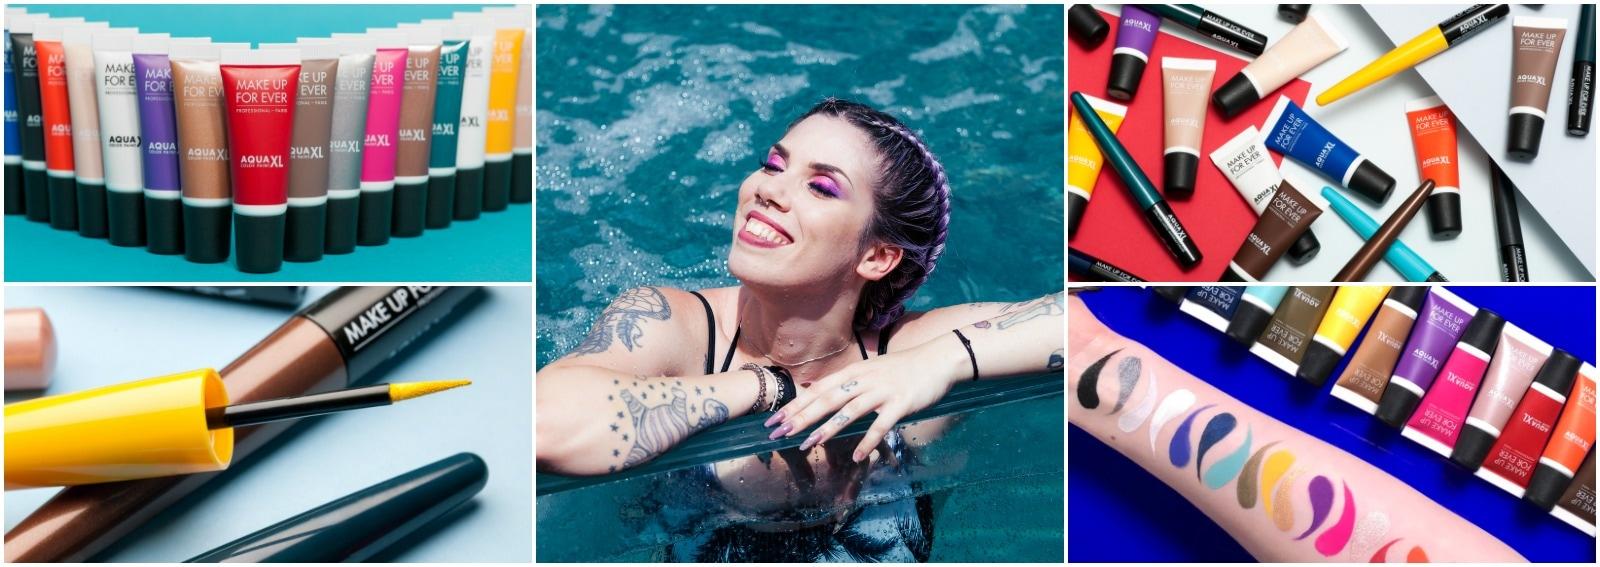 make-up-for-ever-acqua-xl-gloria-fair cover desktop 07